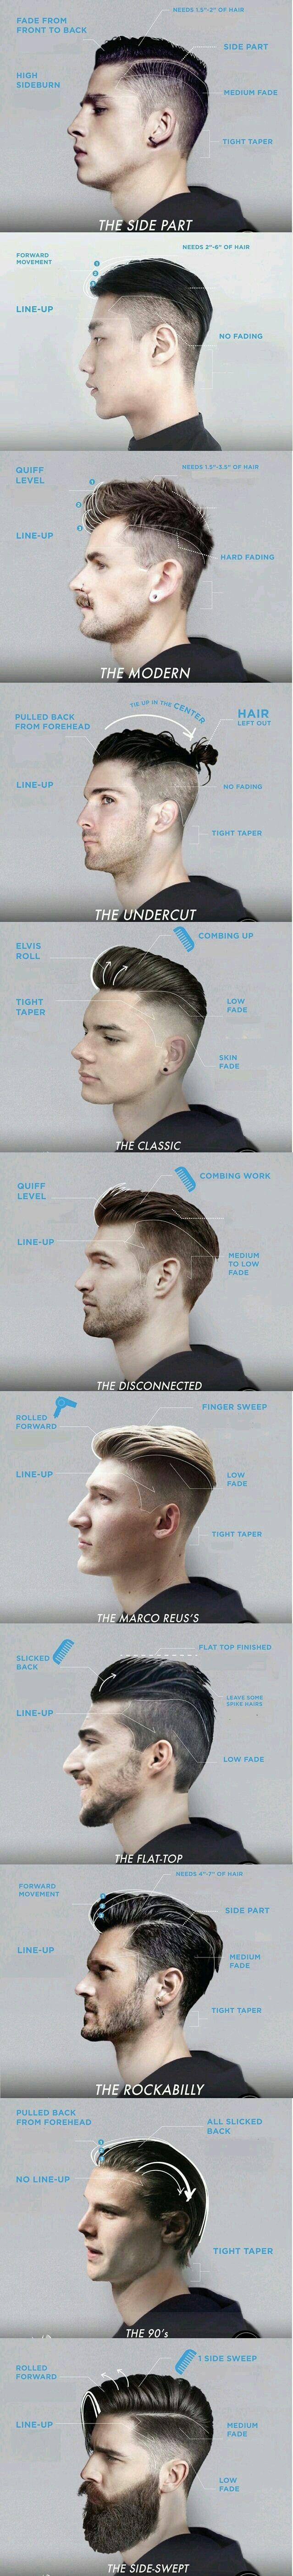 Whiteasian men hairstyle fashion men hairstyle hair styles for